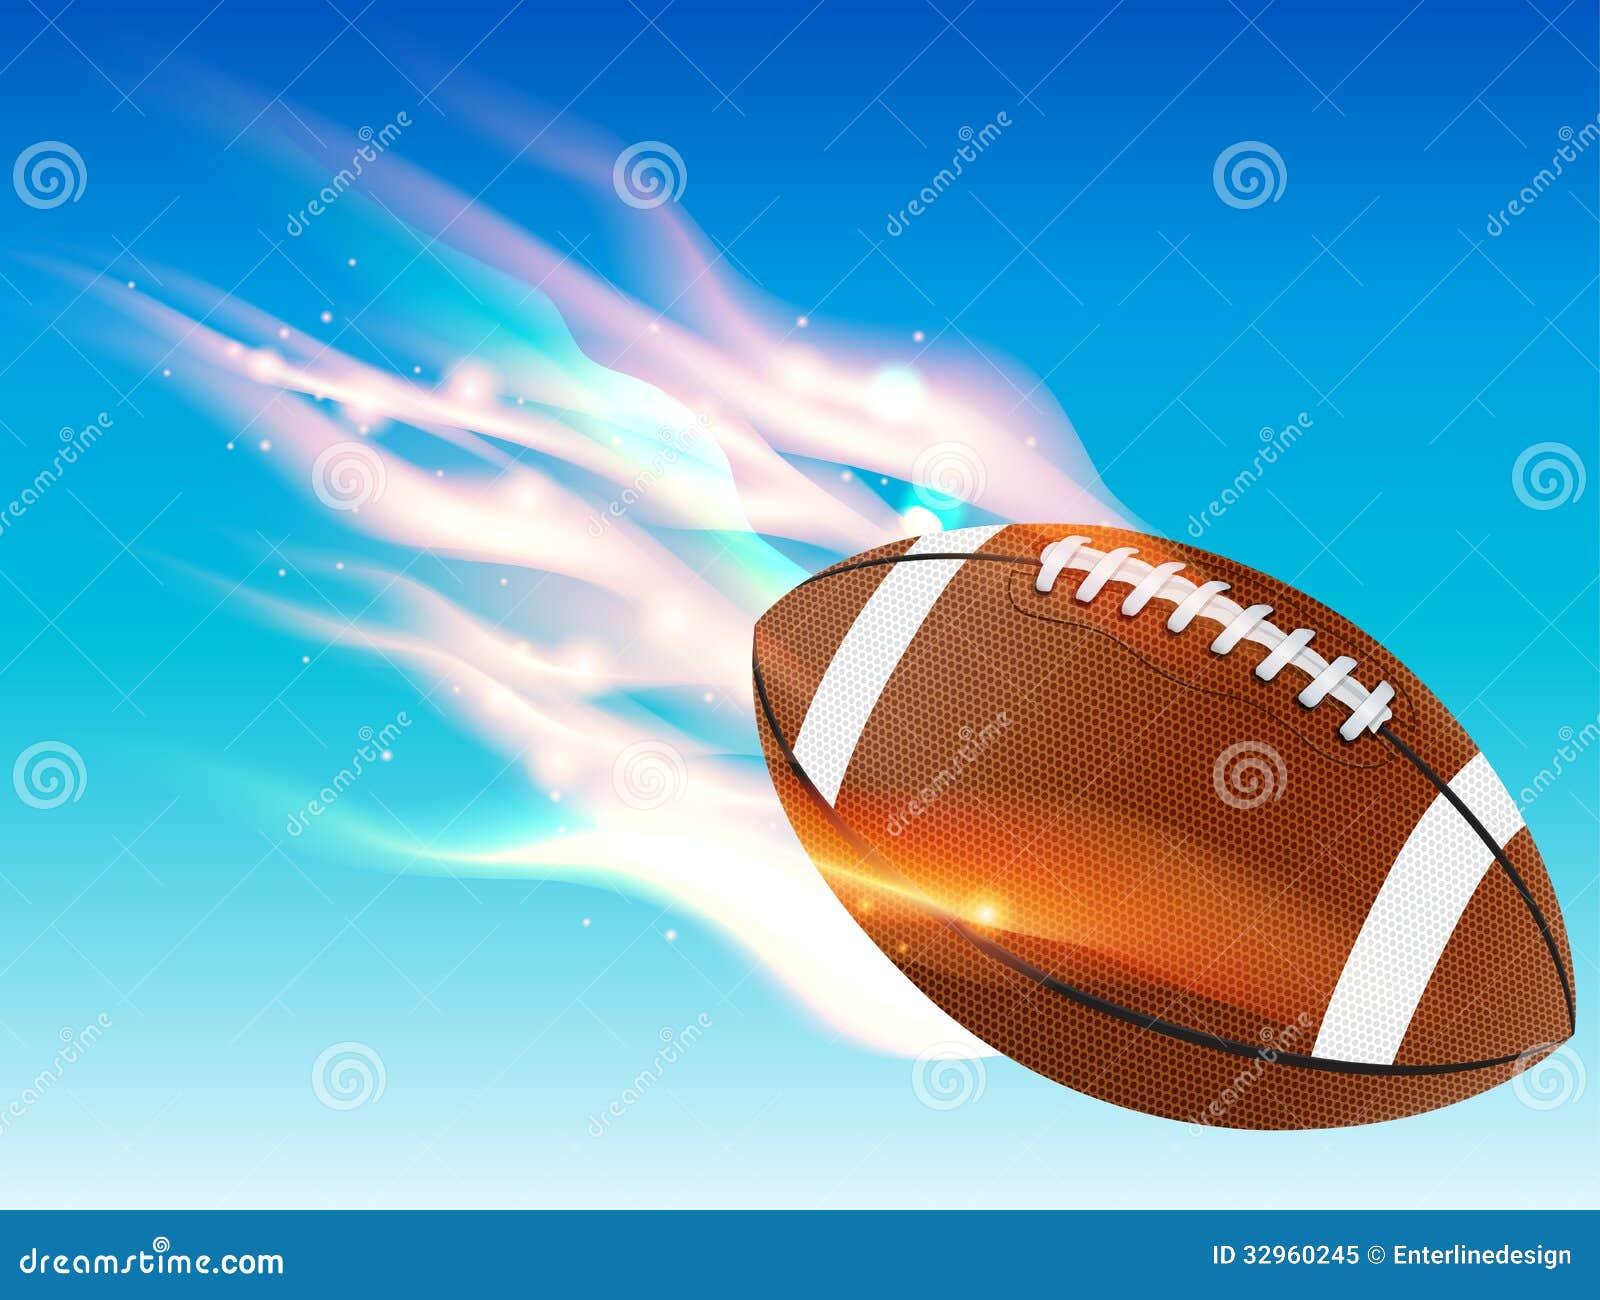 Flaming Football Royalty Free Stock Photo - Image: 32960245